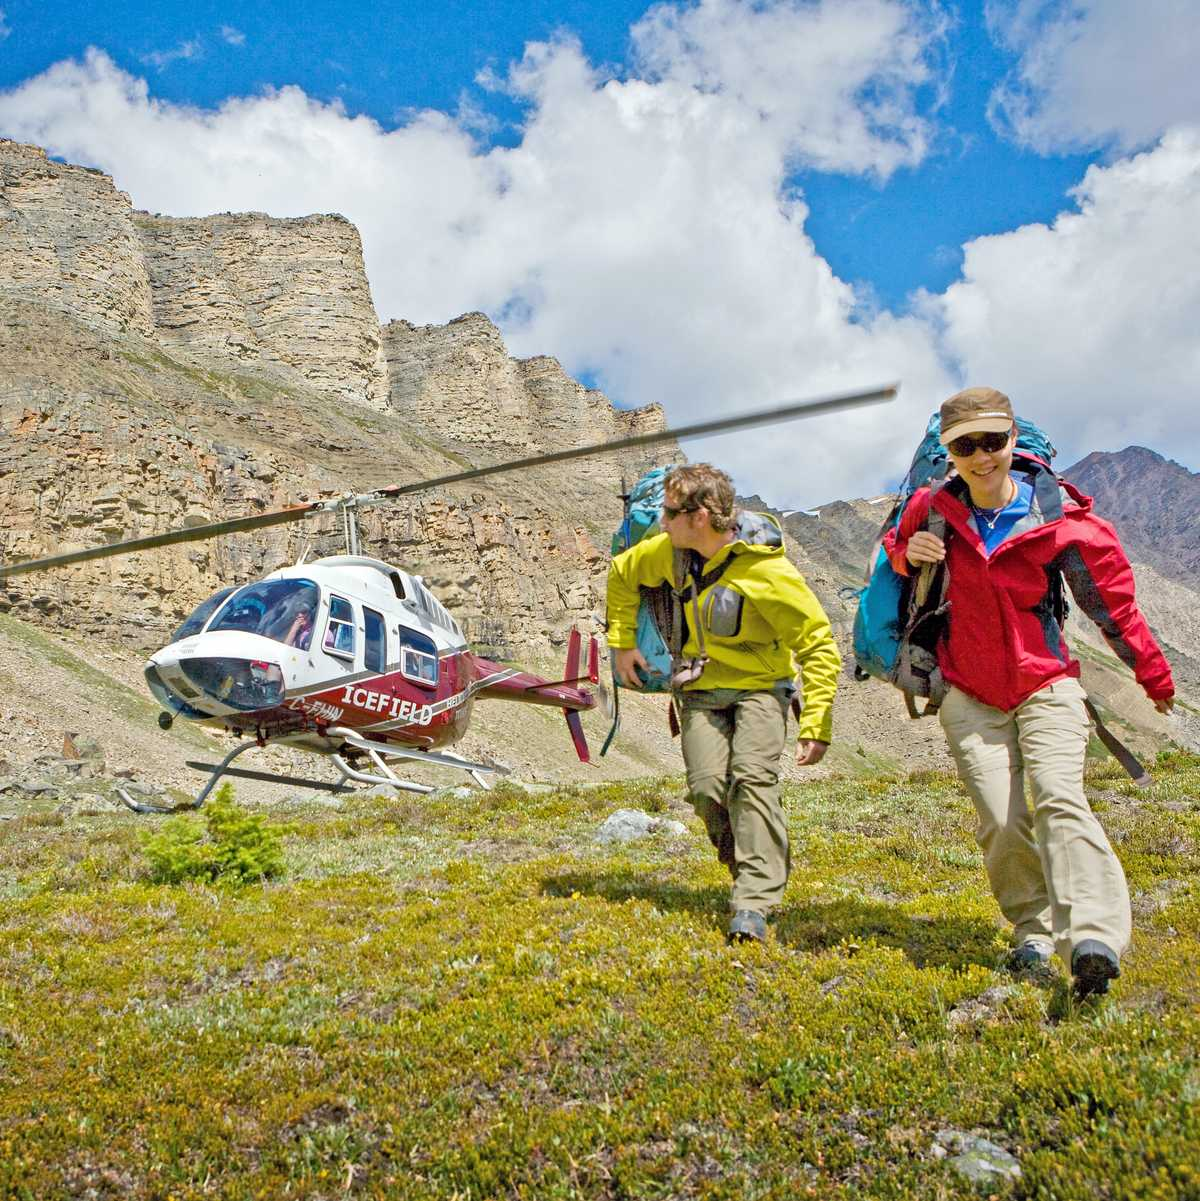 Heli-Wandern in den Rockies